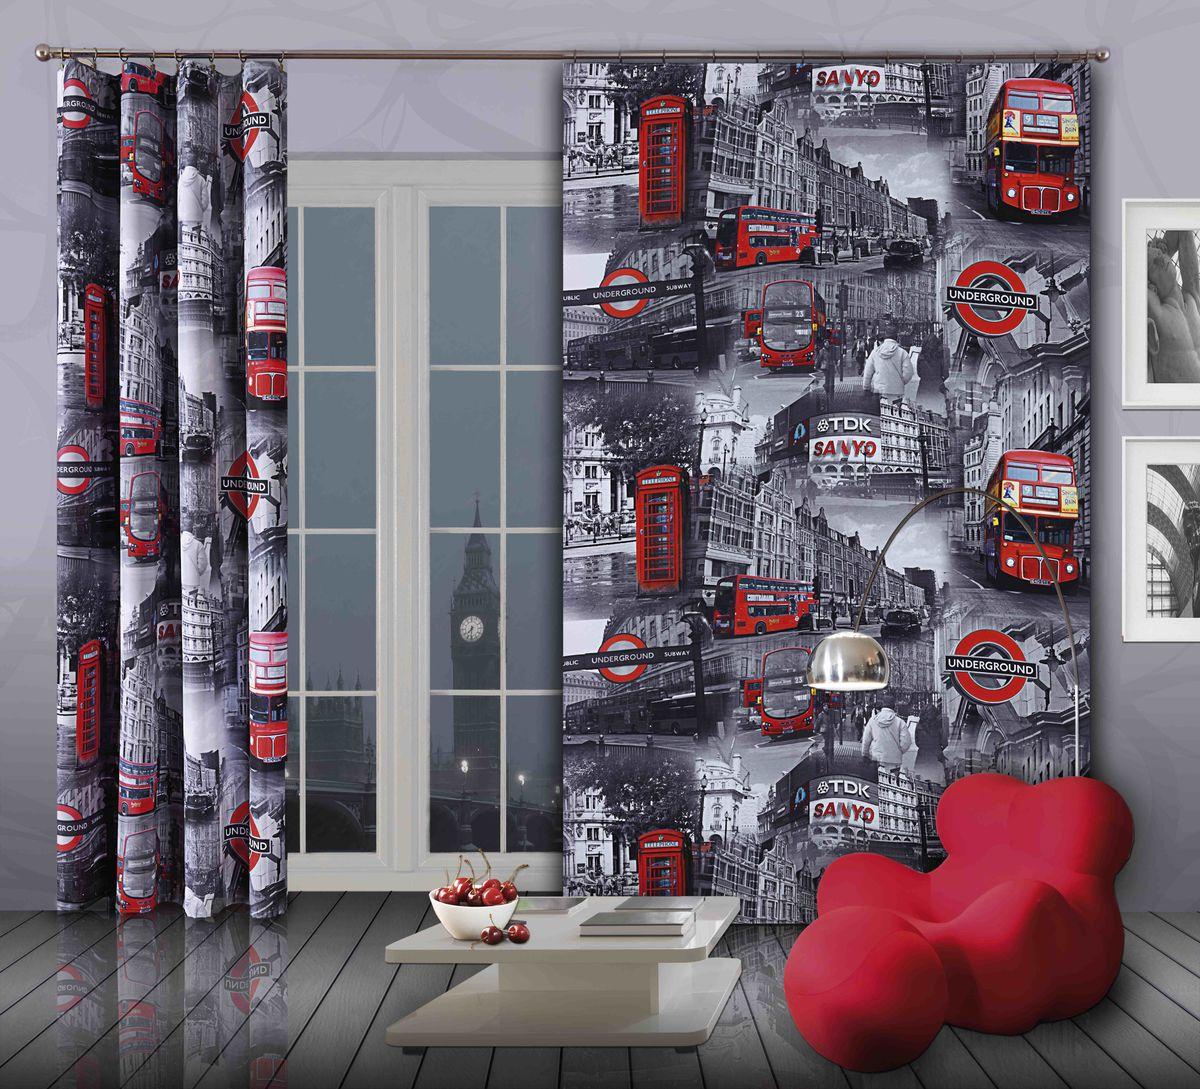 Комплект гардин-панно Wisan Bus, на ленте, цвет: серый, красный, высота 250 смС536070V4Комплект гардин-панно Wisan Bus, изготовленный из полиэстера, станет великолепным украшением любого окна. В комплект входят 2 плотные гардины с изображением знаменитых лондонских автобусов.Качественный материал, оригинальный дизайн и приятная цветовая гамма привлекут к себе внимание и органично впишутся в интерьер. Комплект оснащен шторной лентой для красивой сборки.Размер гардин-панно: 150 см х 250 см.Фирма Wisan на польском рынке существует уже более пятидесяти лет и является одной из лучших польских фабрик по производству штор и тканей. Ассортимент фирмы представлен готовыми комплектами штор для гостиной, детской, кухни, а также текстилем для кухни (скатерти, салфетки, дорожки, кухонные занавески). Модельный ряд отличает оригинальный дизайн, высокое качество. Ассортимент продукции постоянно пополняется.